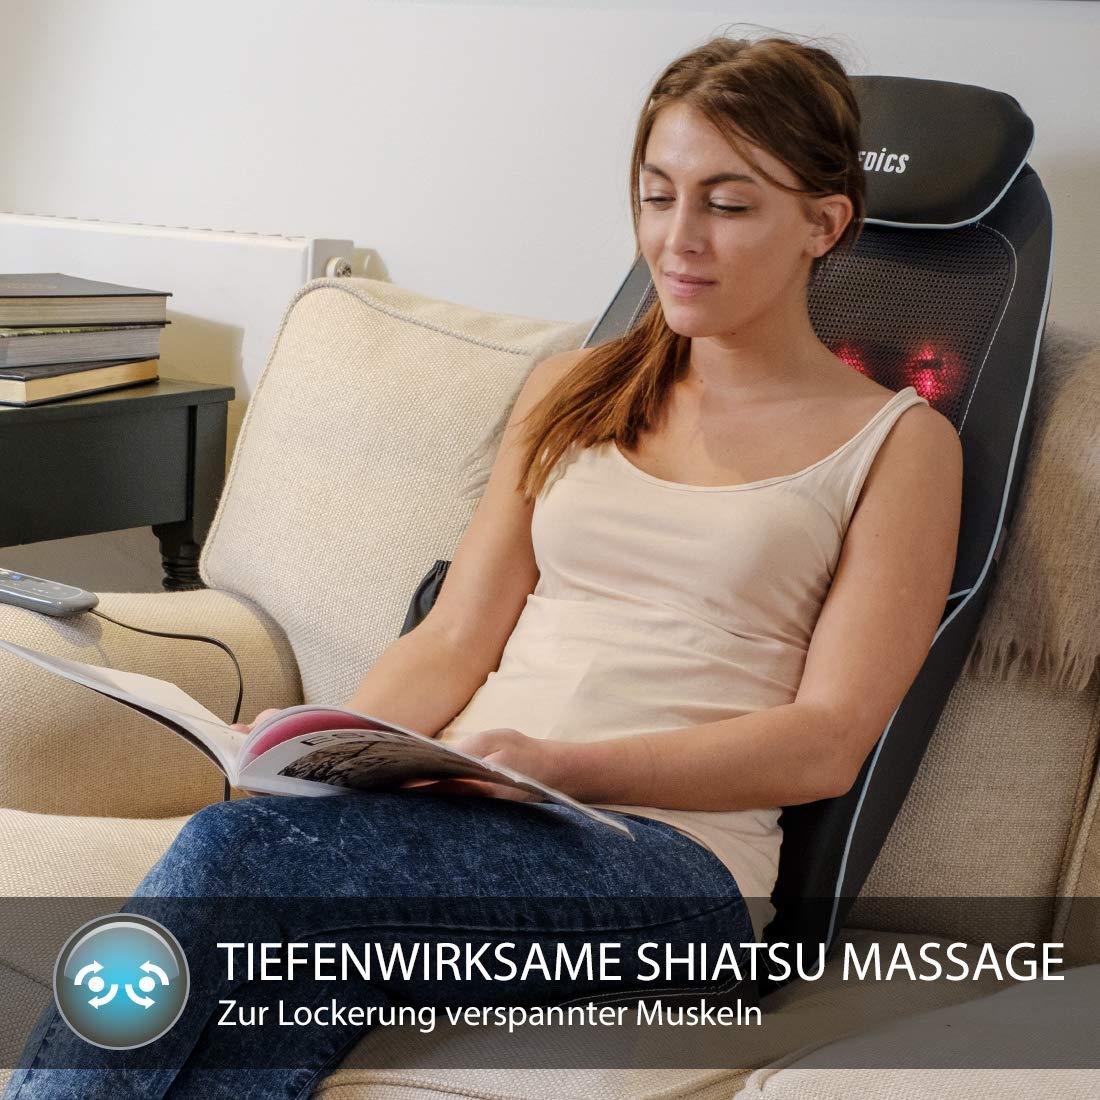 Behandlung, Wirkung und Massageumfang der HoMedics Shiatsu Max 2.0 Massageauflage